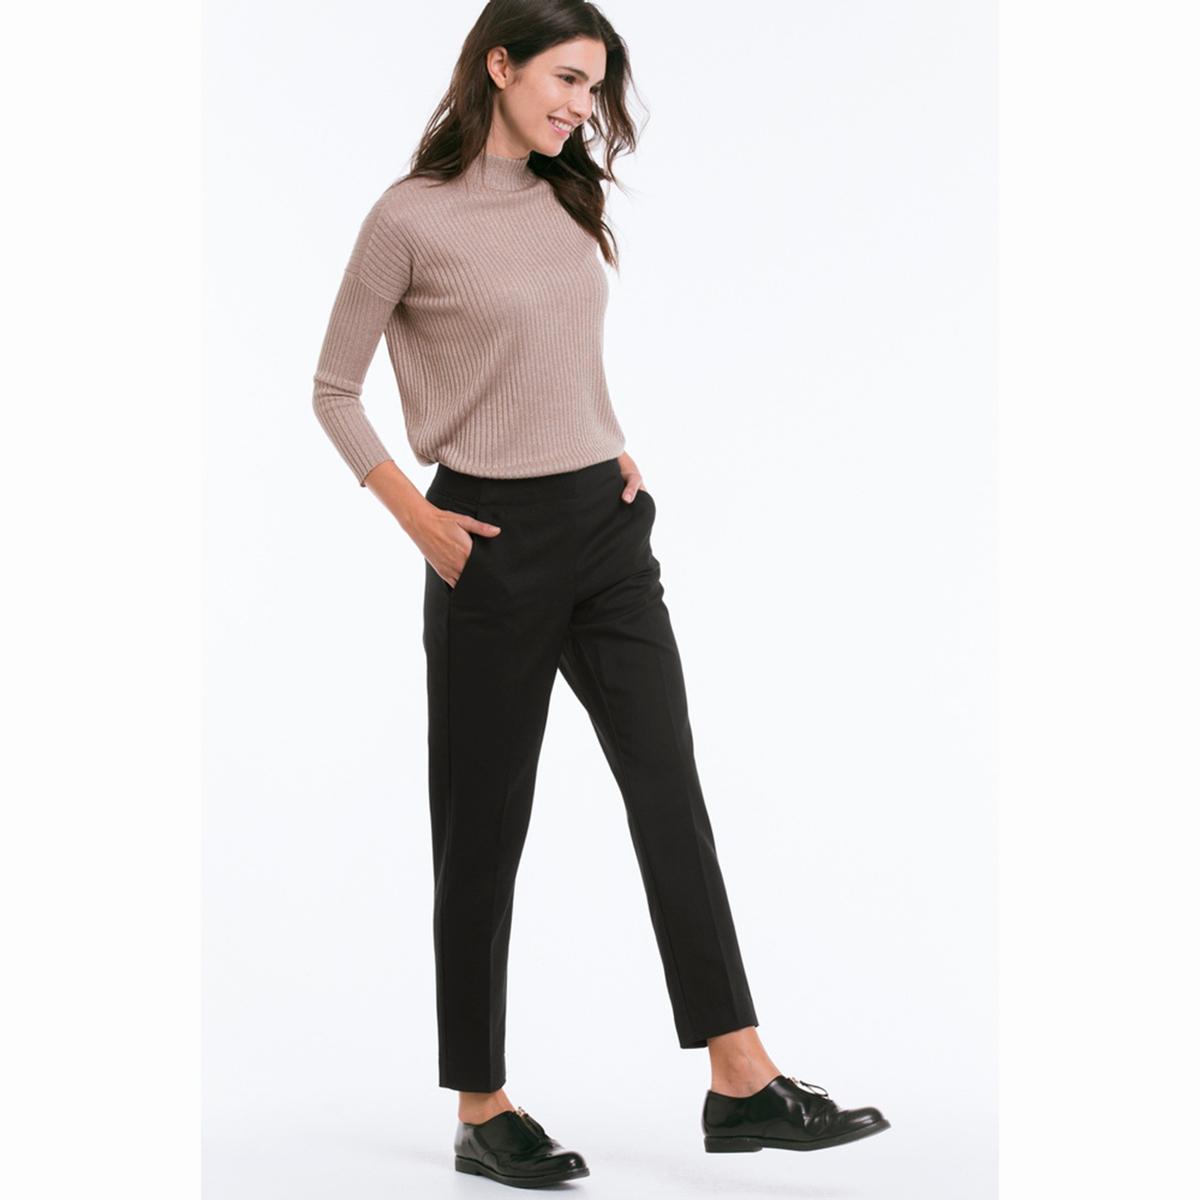 БрюкиБрюки-дудочки Симпатичные брюки-дудочки, длина до щиколотки. Из красиво ниспадающей ткани, со складками и боковыми карманами. Стандартная высота талии без застежки. Широкая резинка сзади. Длина по внутр. шву ок.70 см. для всех размеров. Ширина по низу ок.32 см. 95 см для размера 38. 64% полиэстера, 34% вискозы, 2% эластана. Покрой: стандартный. Стирка при 40°.<br><br>Цвет: черный<br>Размер: 46 (FR) - 52 (RUS).42 (FR) - 48 (RUS)